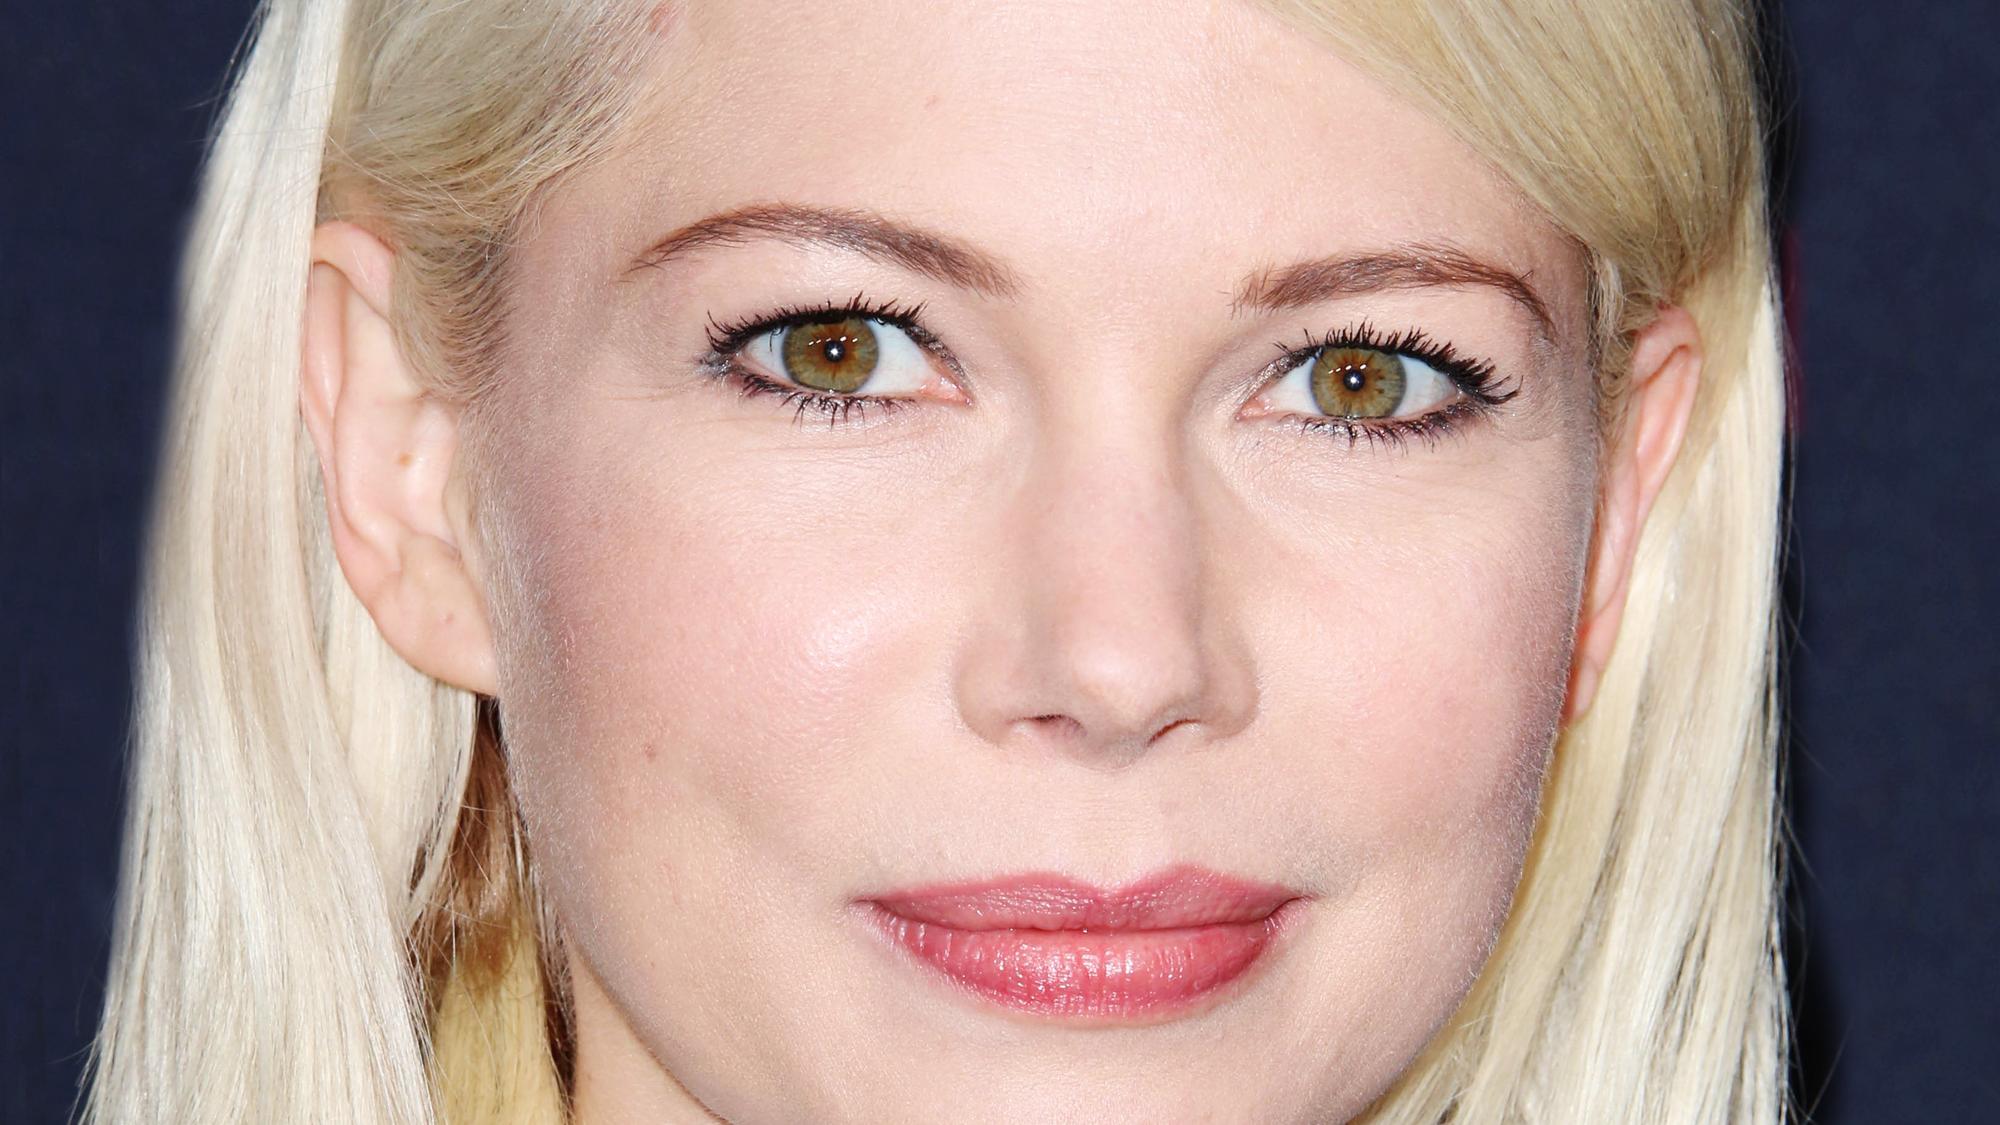 Blonde eye makeup